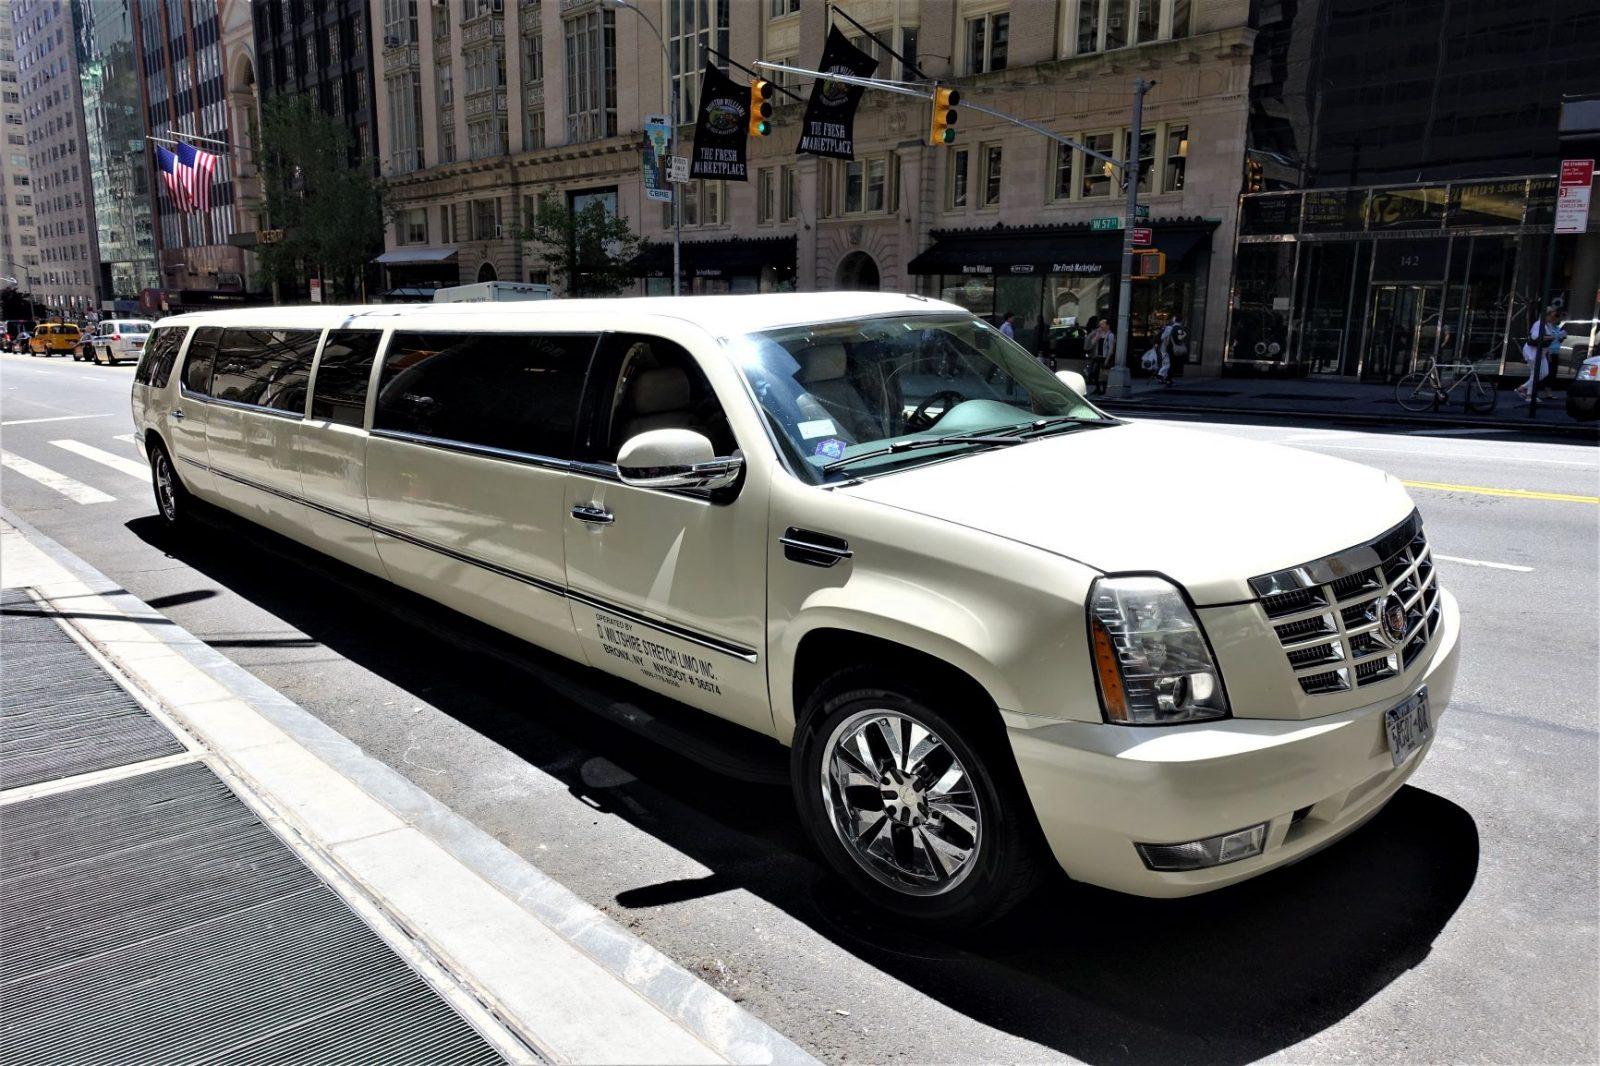 En veldig lang limousin i New yorks gater. fargen er lys beige